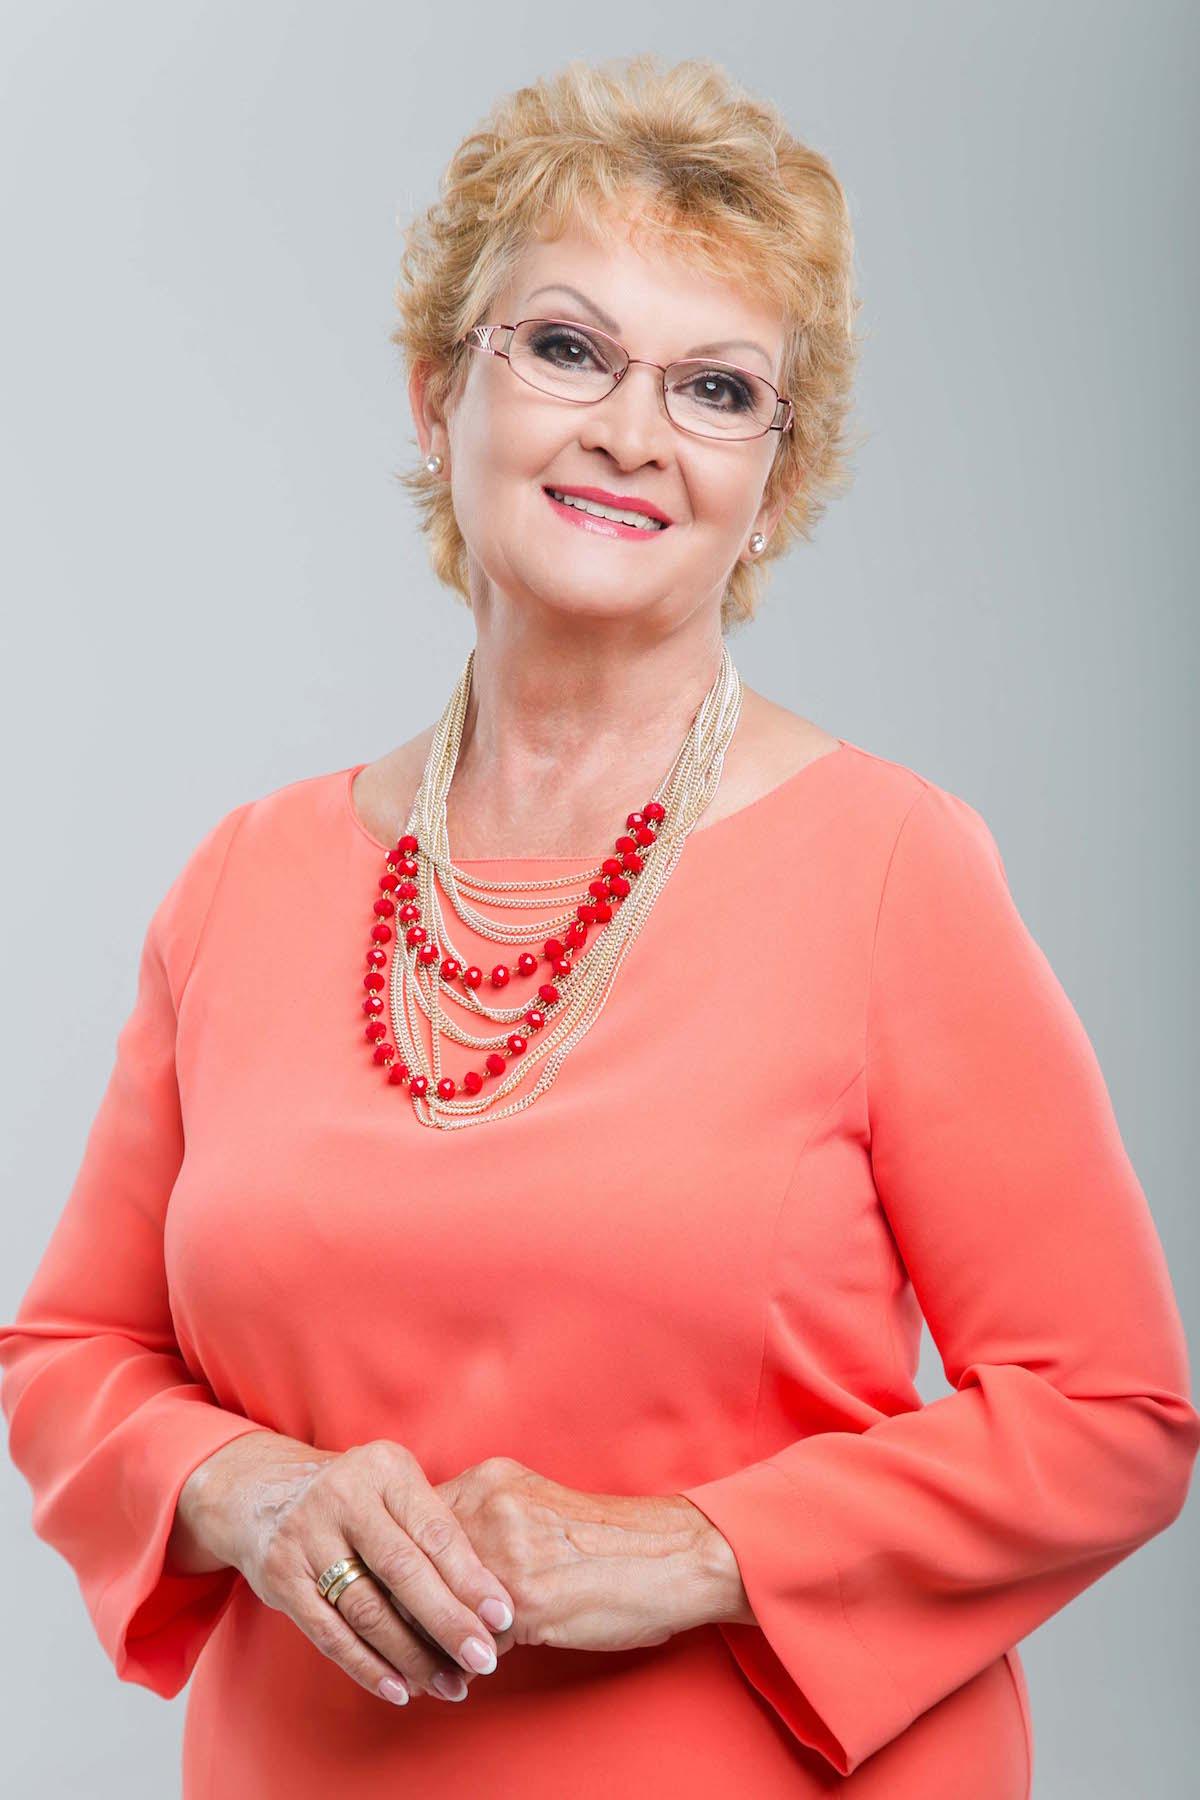 Gizka Oňová v reality show Svokra. Foto: TV Nova